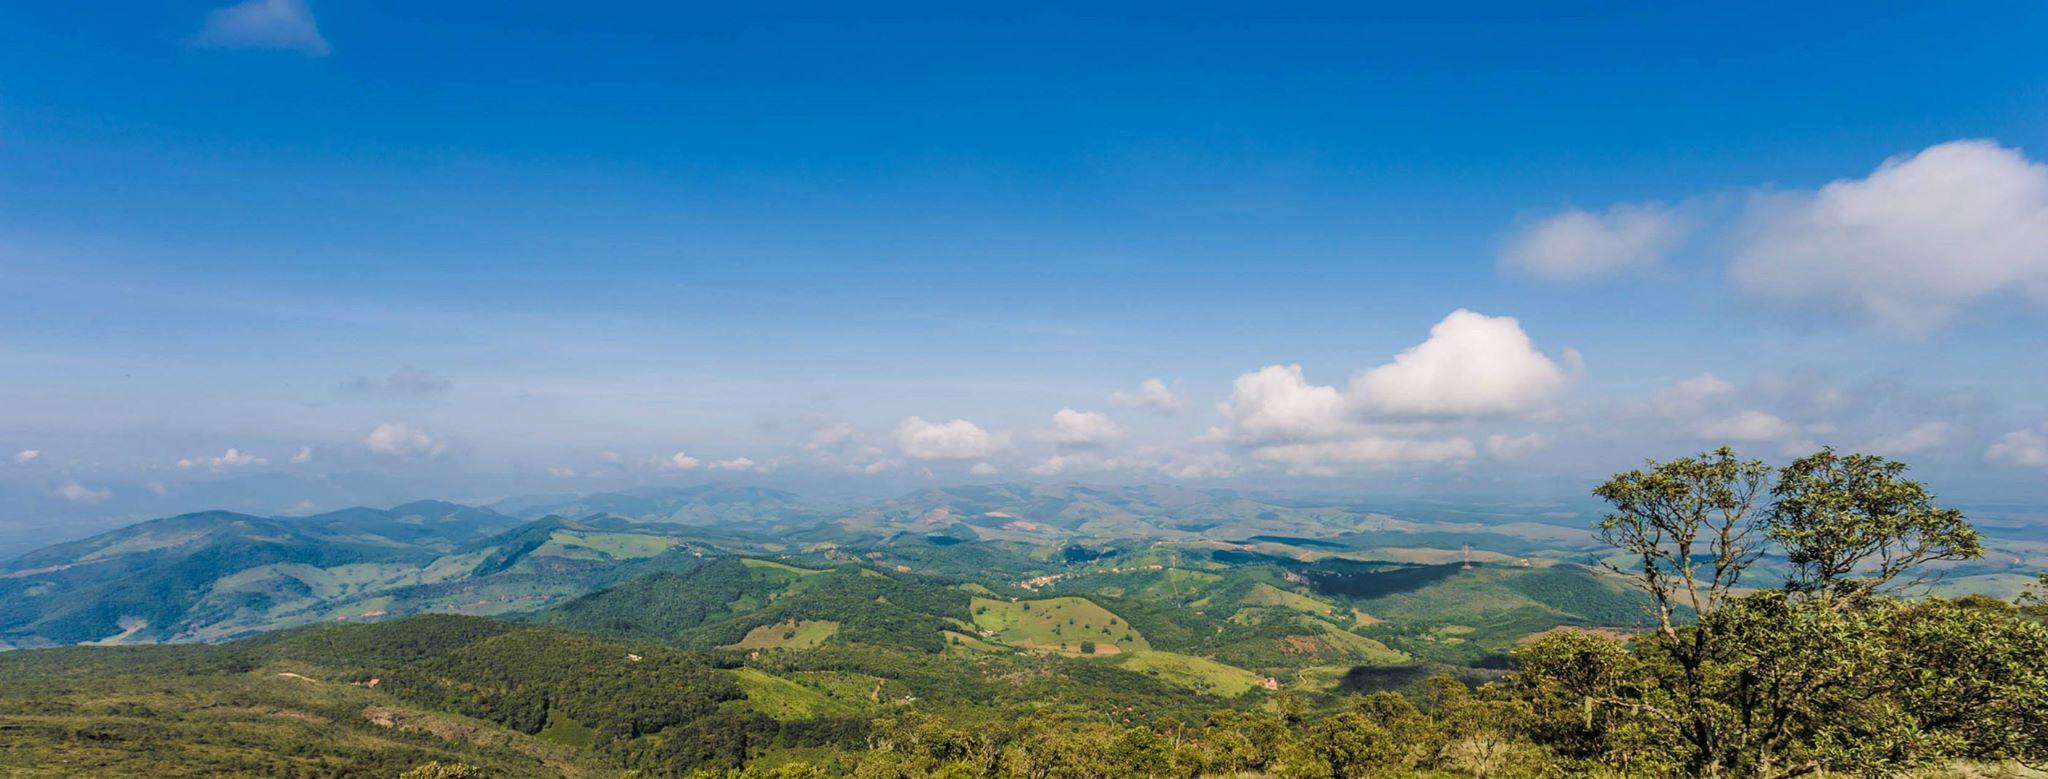 Paisagem_das_montanhas_de_Ibitipoca_-_Minas_Gerais